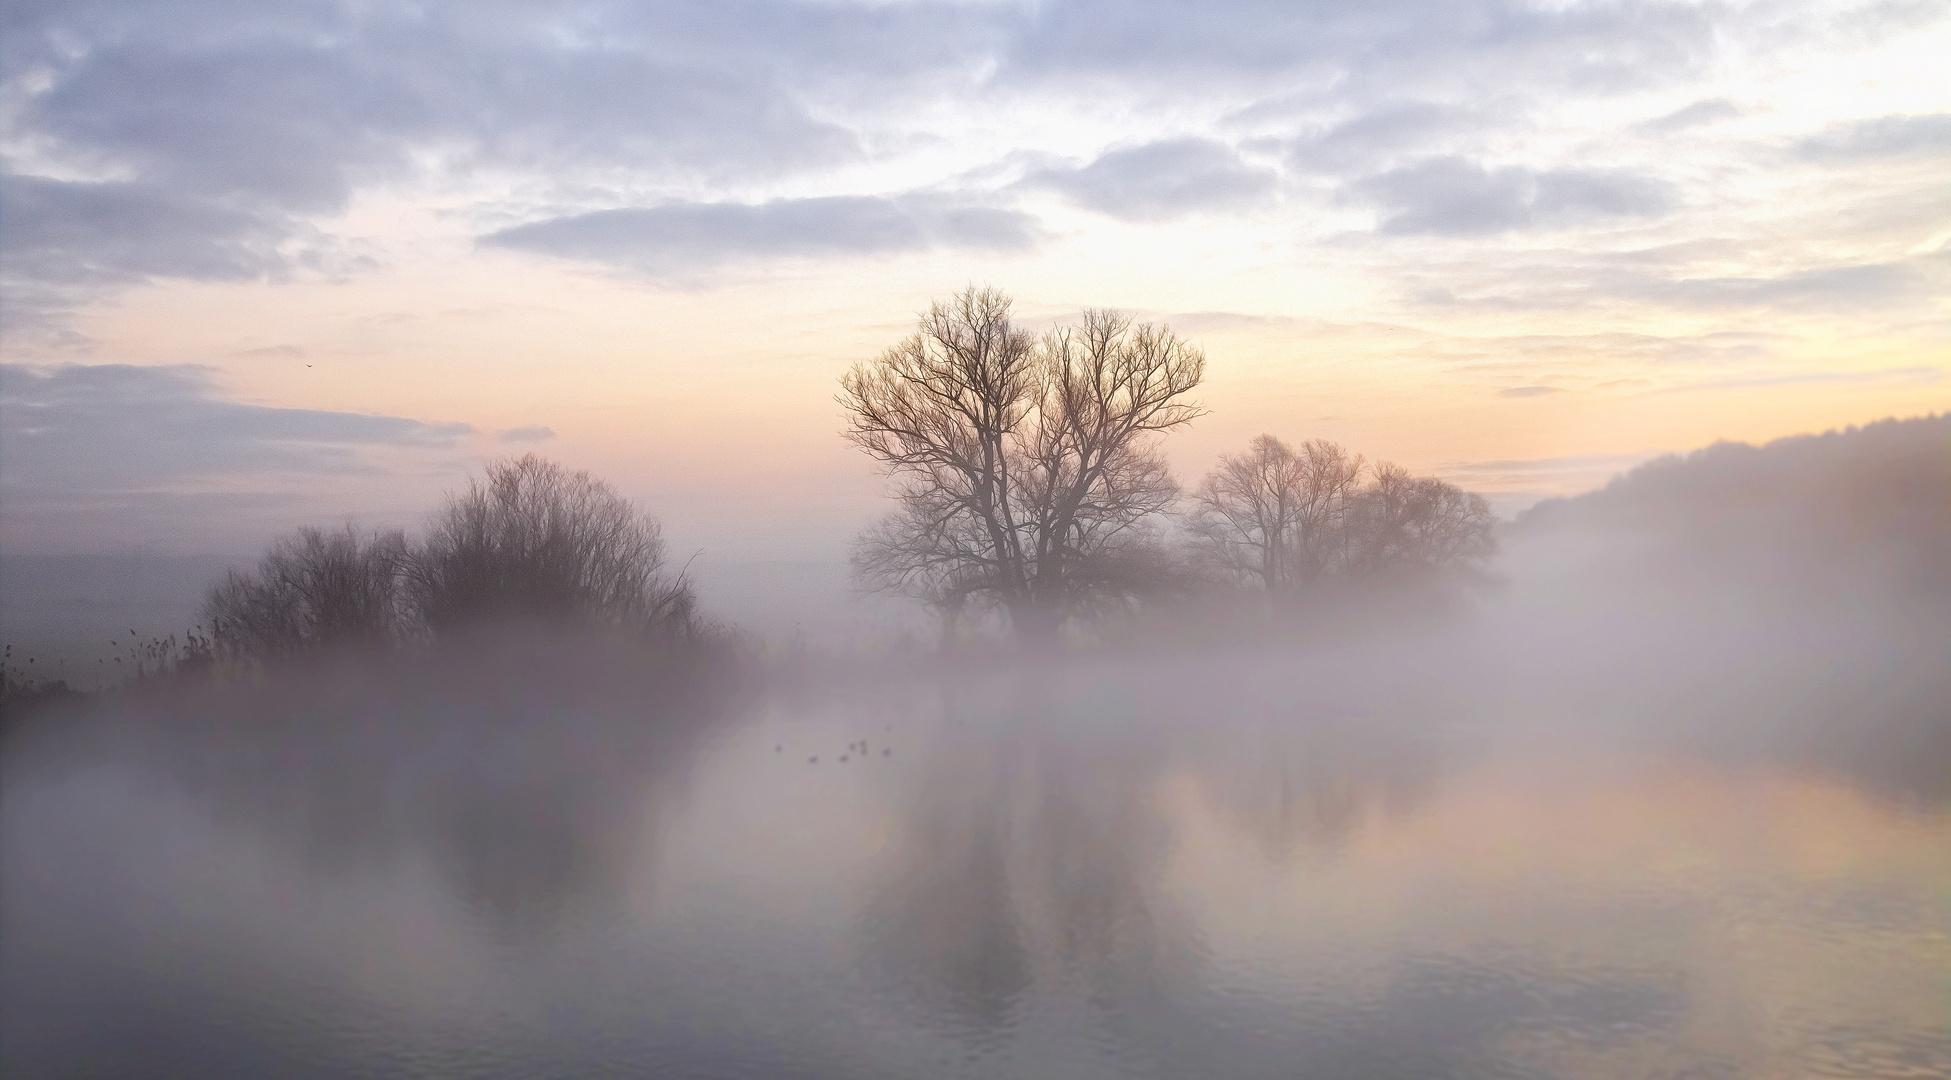 Die Symphonie des Nebels